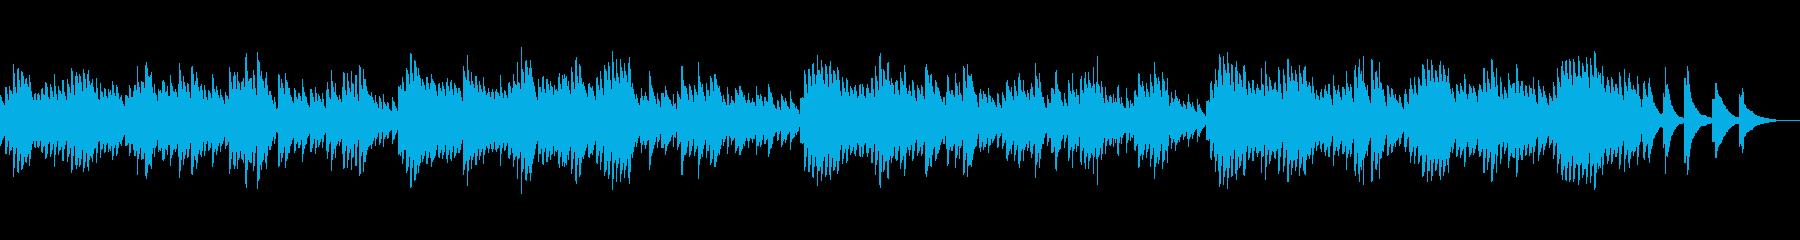 忘れられないソロピアノ曲。ほろ苦い...の再生済みの波形